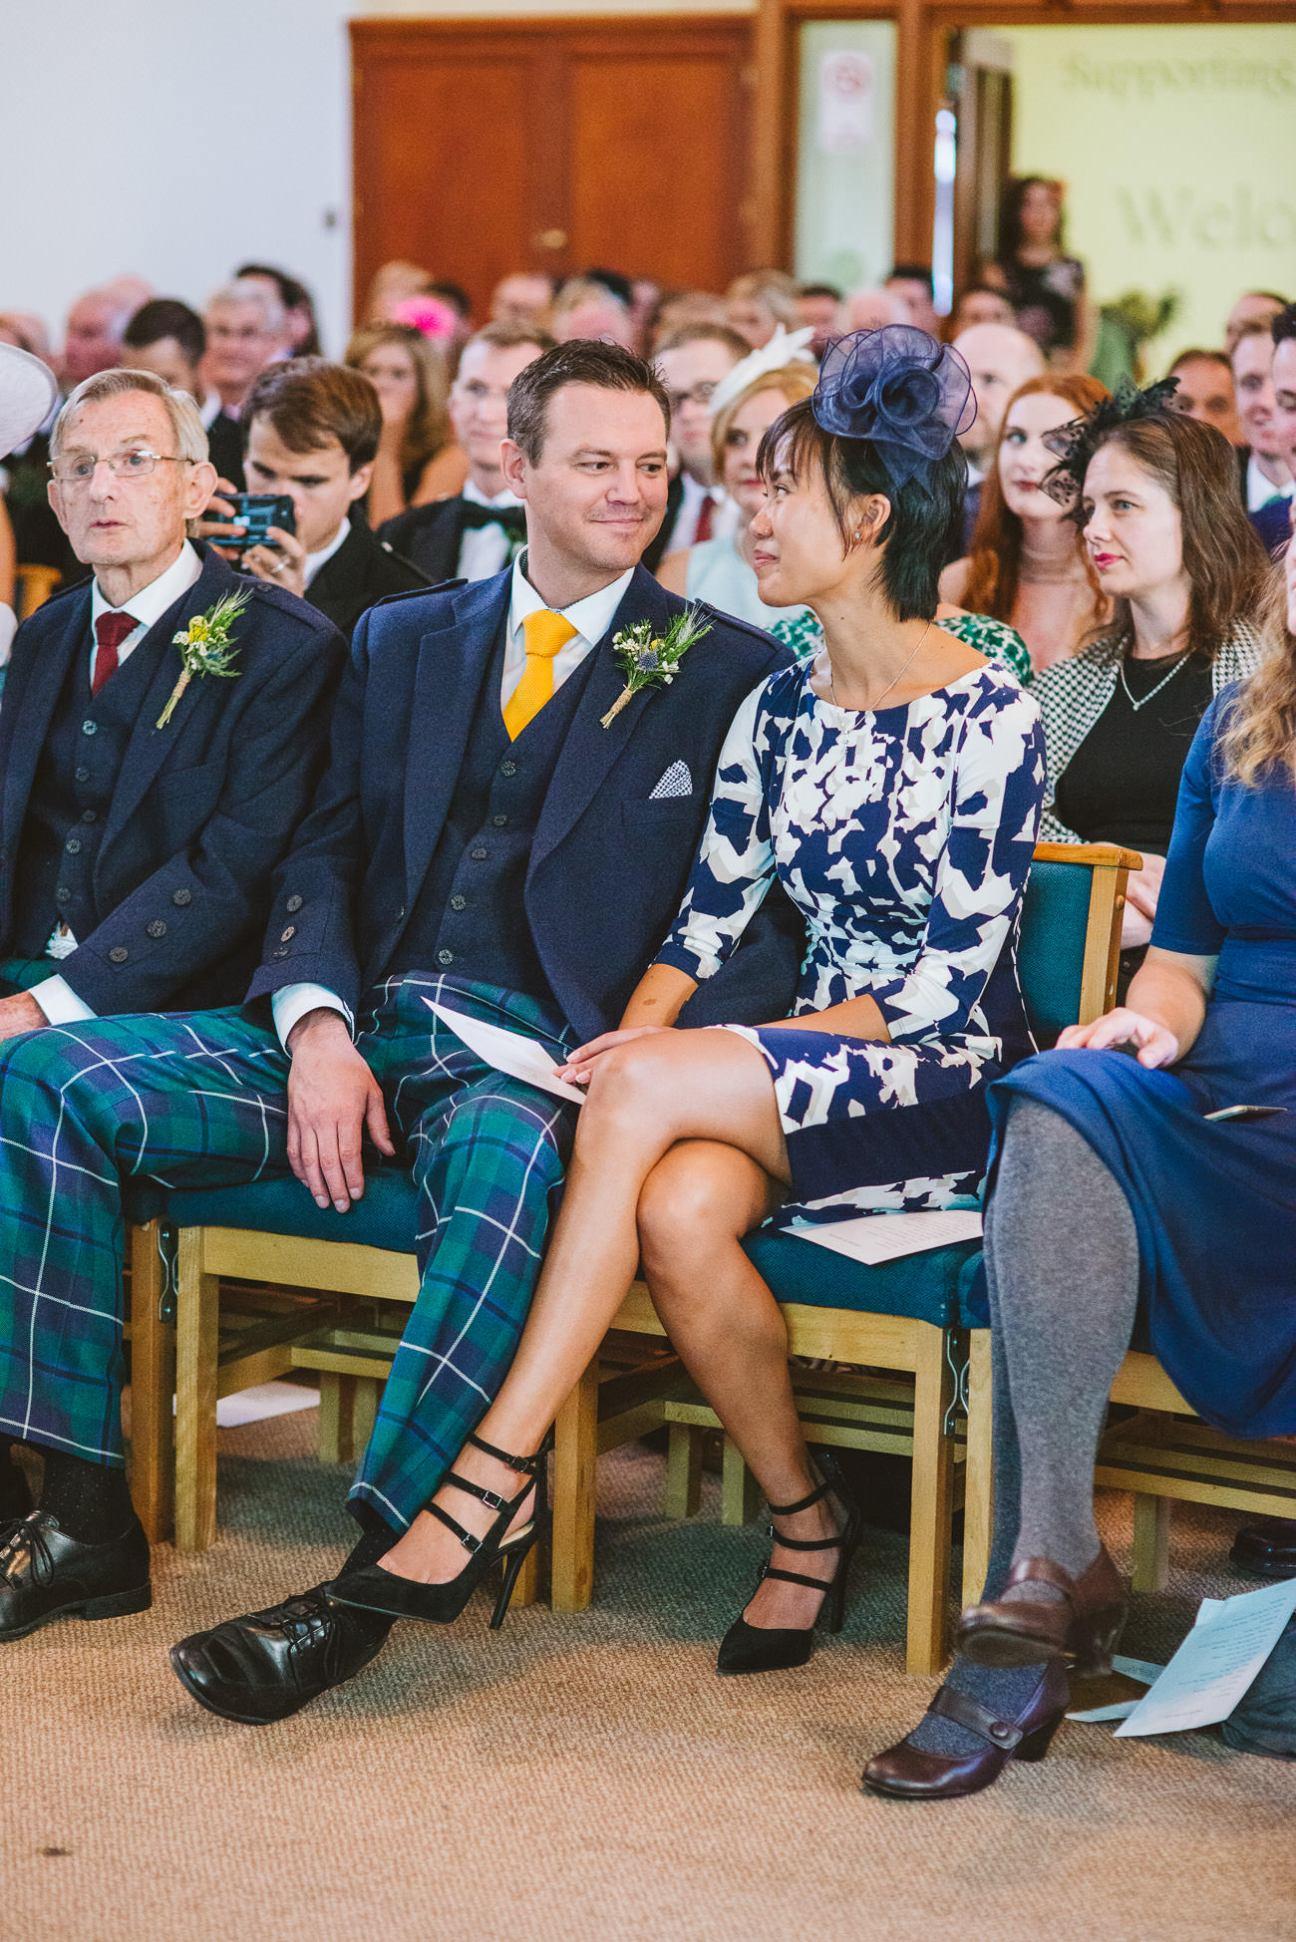 edinburgh-wedding-same-sex-33